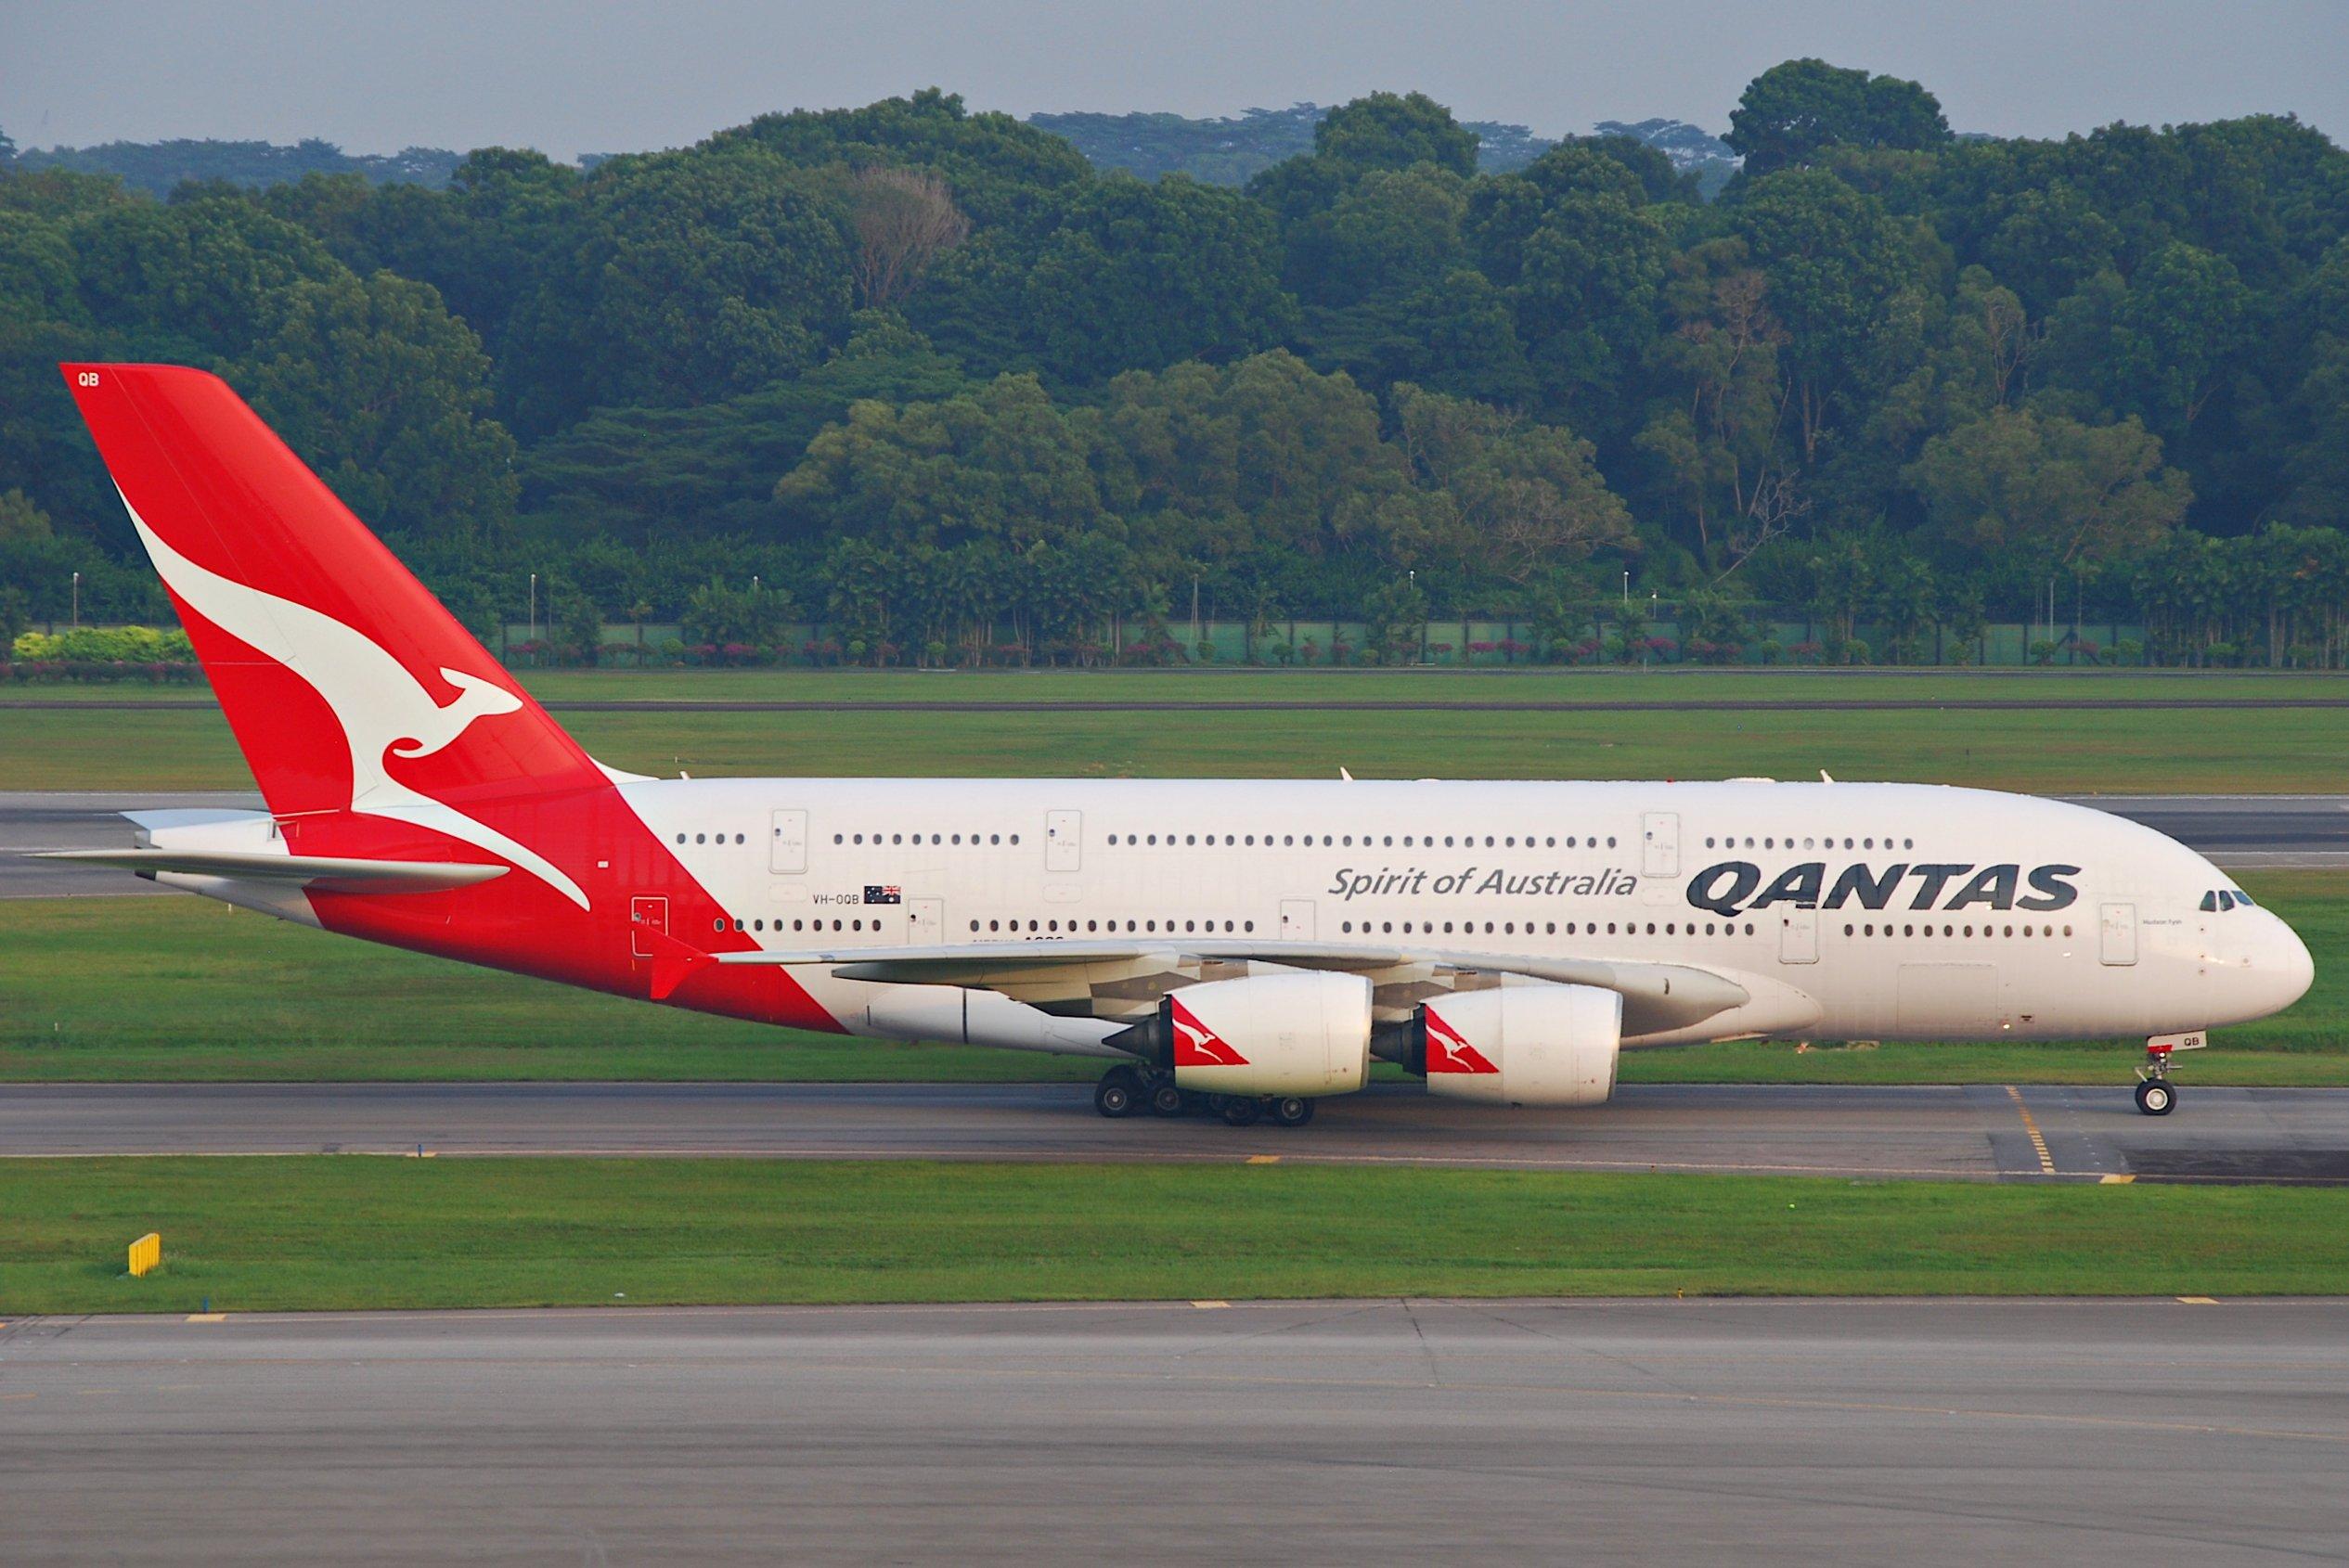 Qantas_Airbus_A380-842%3B_VH-OQB%40SIN%3